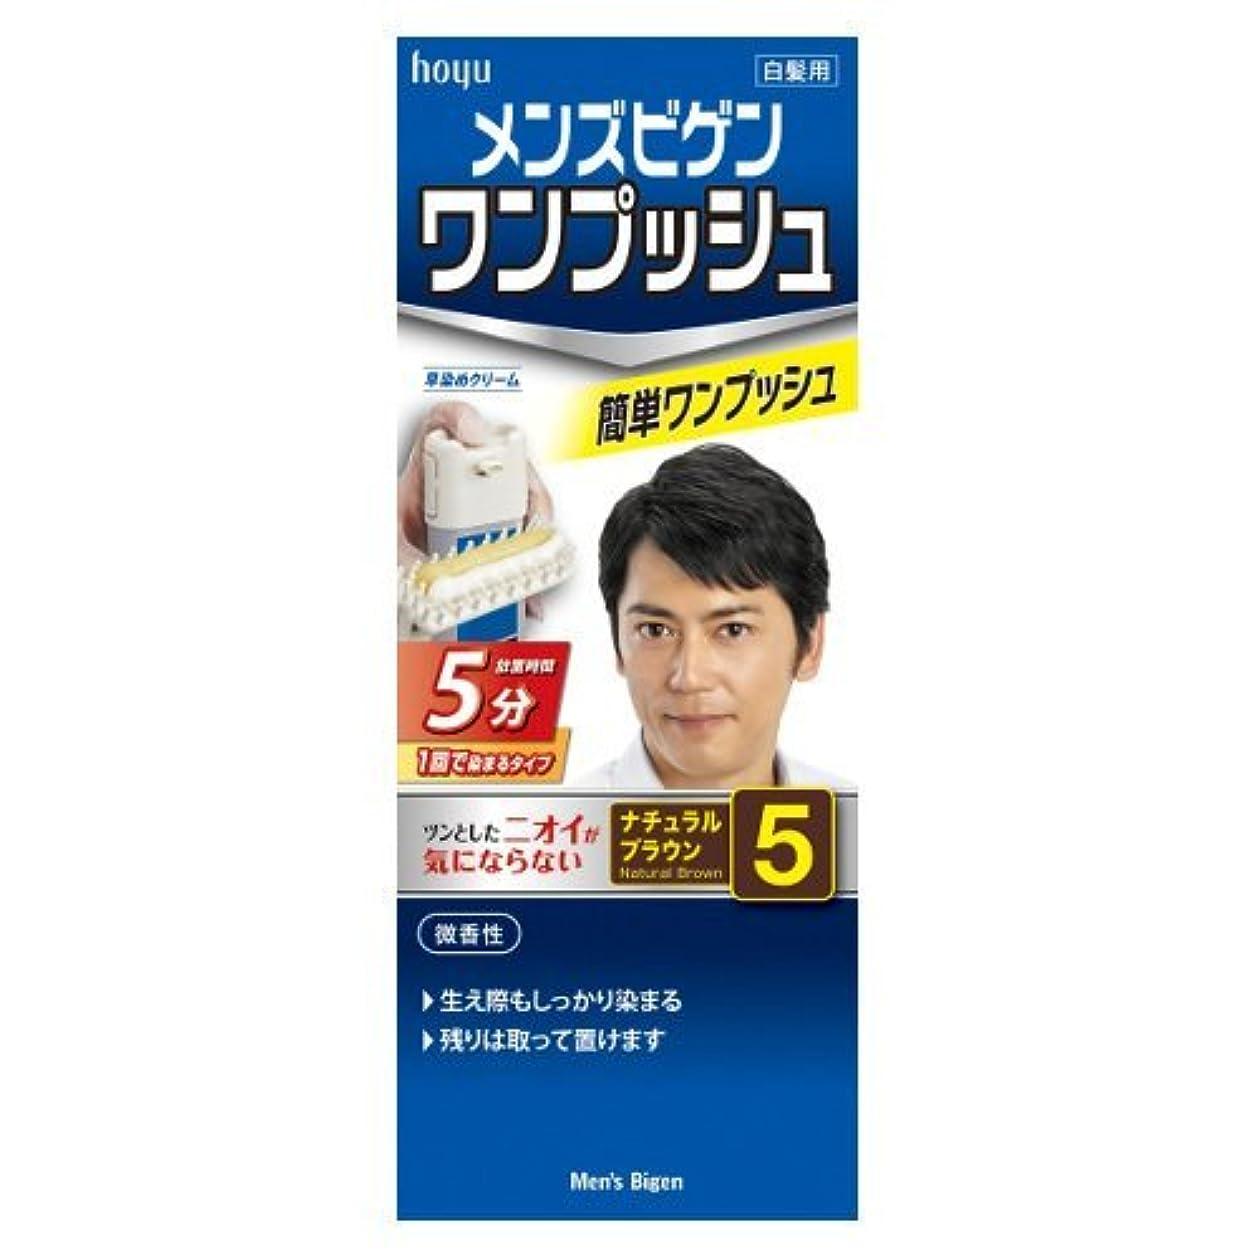 セラー突き刺す辛いメンズビゲン ワンプッシュ 5 ナチュラルブラウン 40g+40g[医薬部外品]